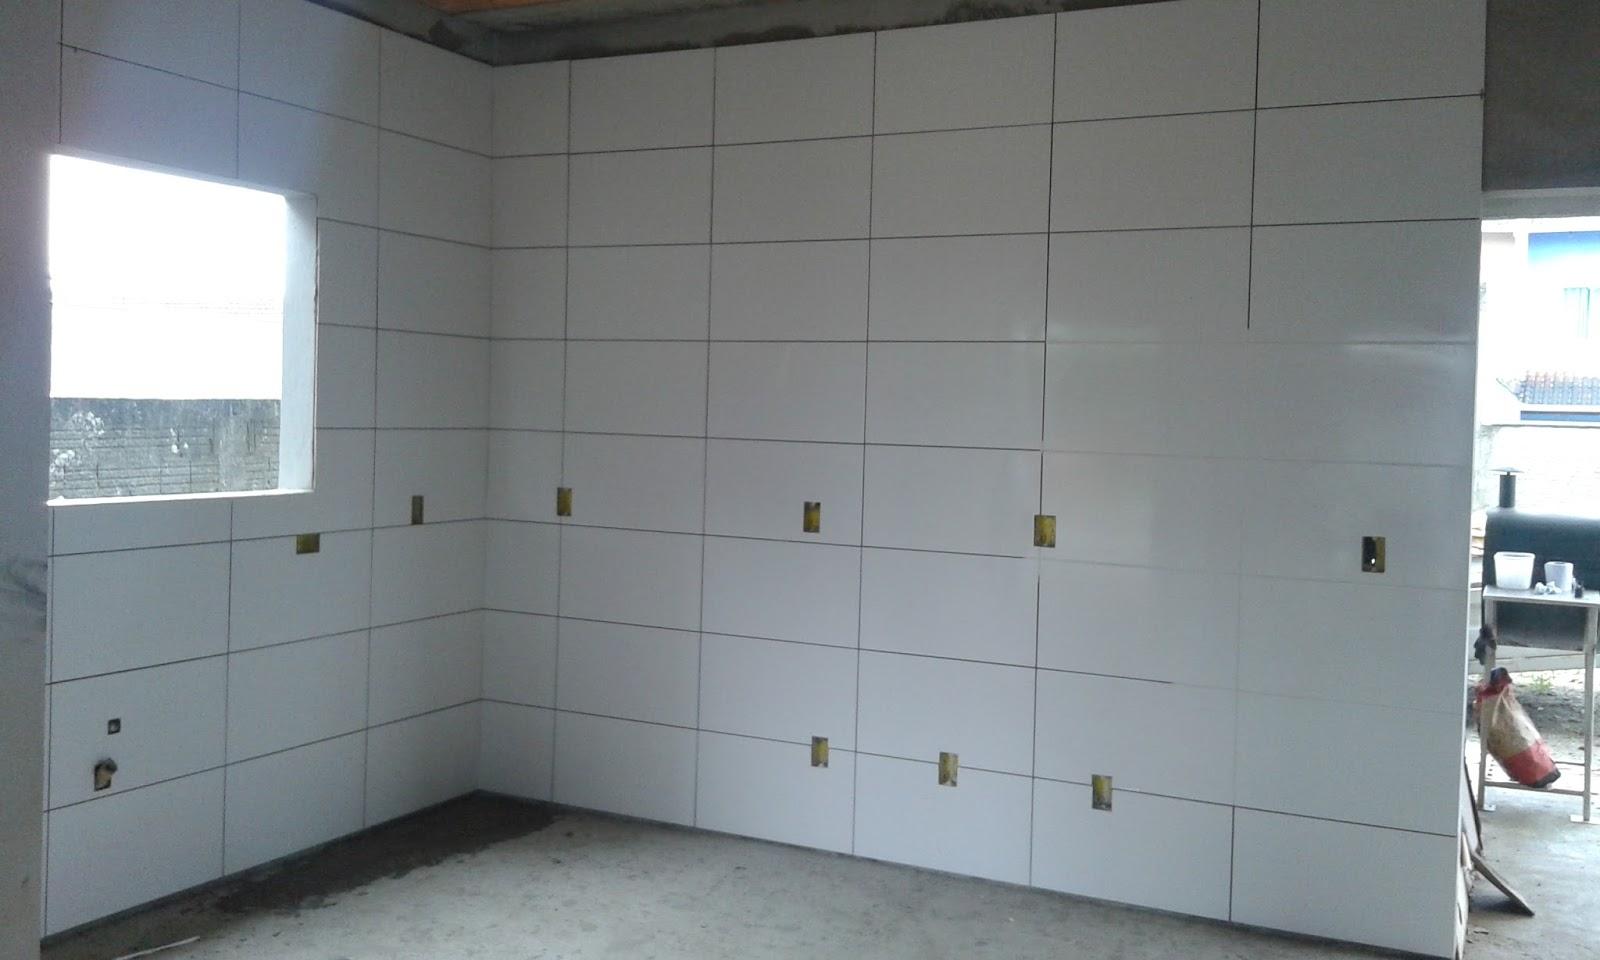 M os a obra constru o da nossa casa atualiza o da obra for Azulejo de porcelanato